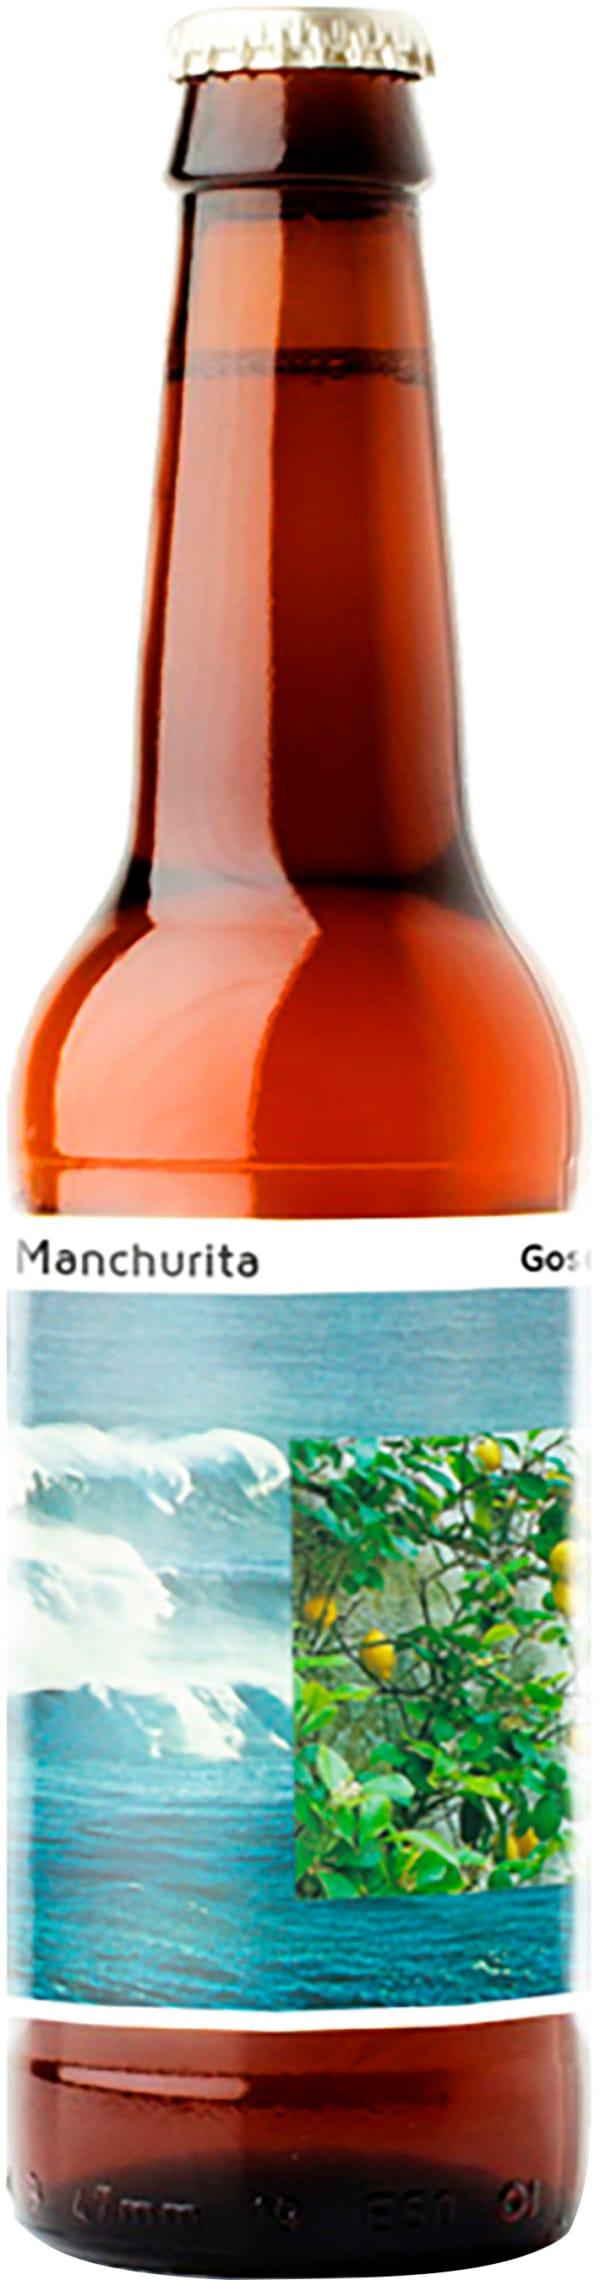 Nomada La Manchurita